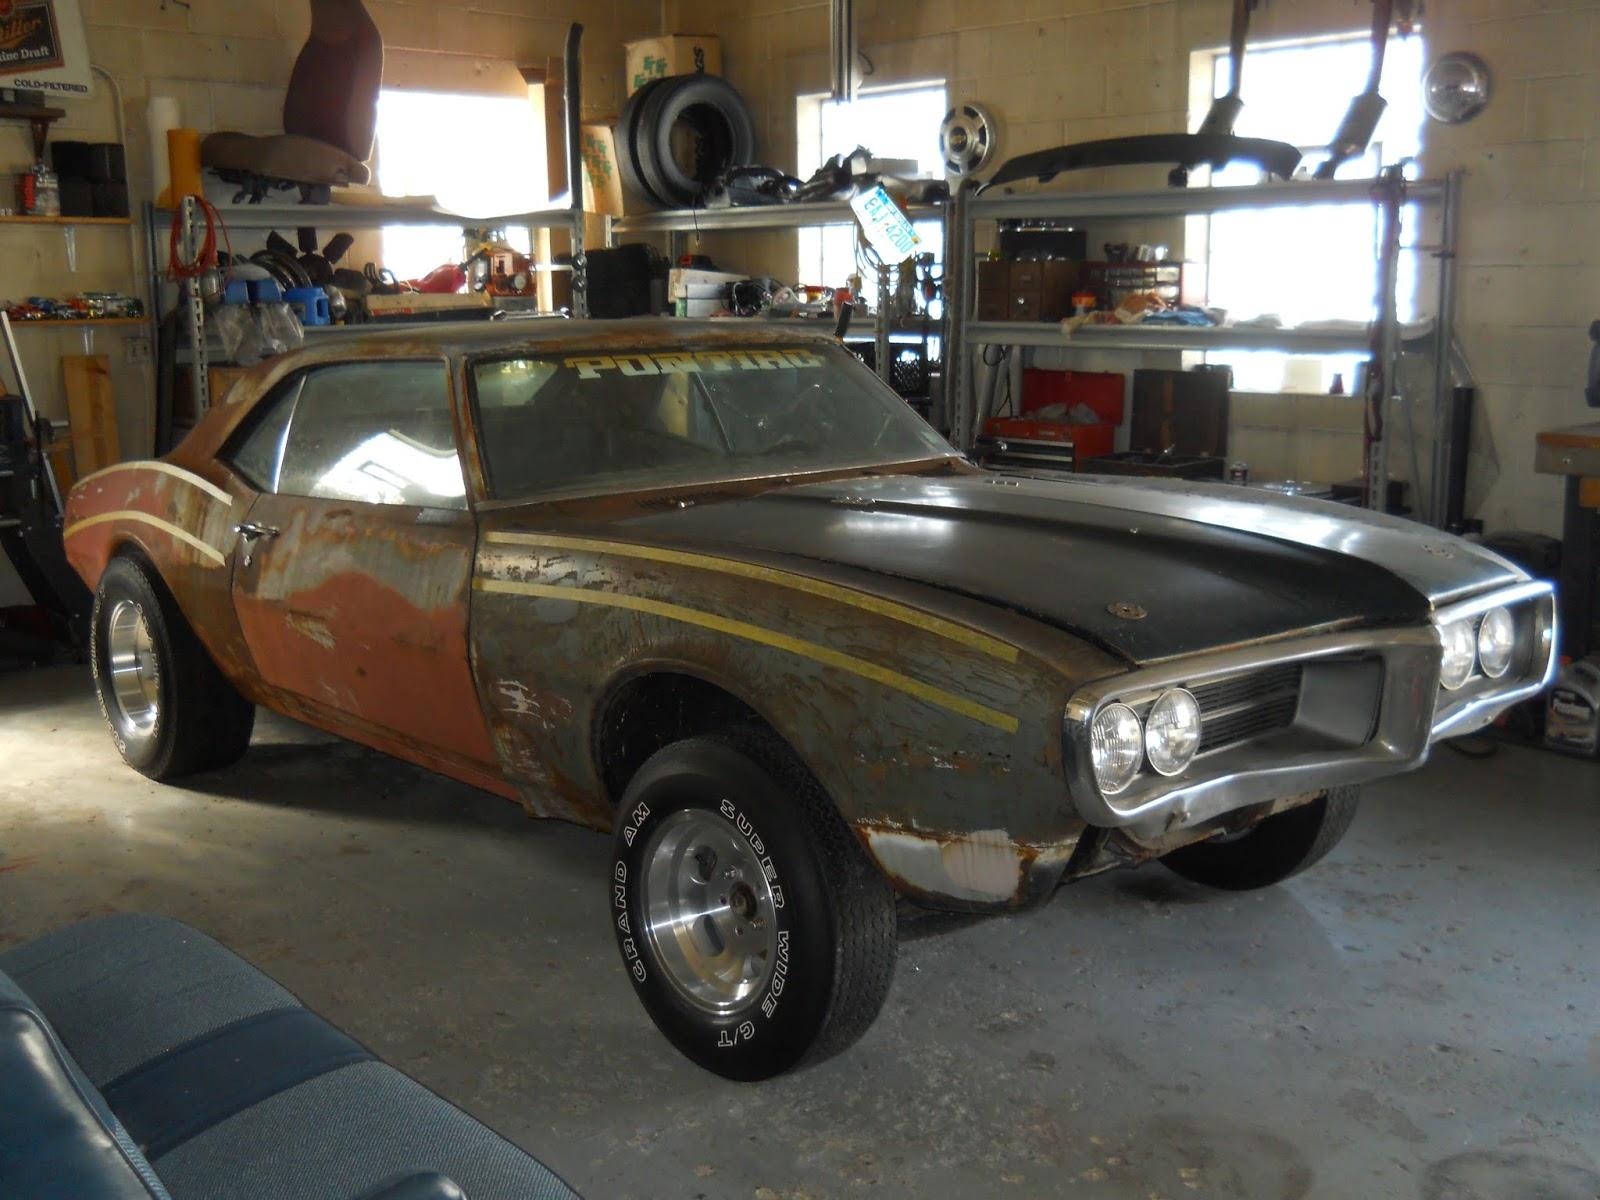 Motor City Muscle 1968 Firebird Update September 6 2013